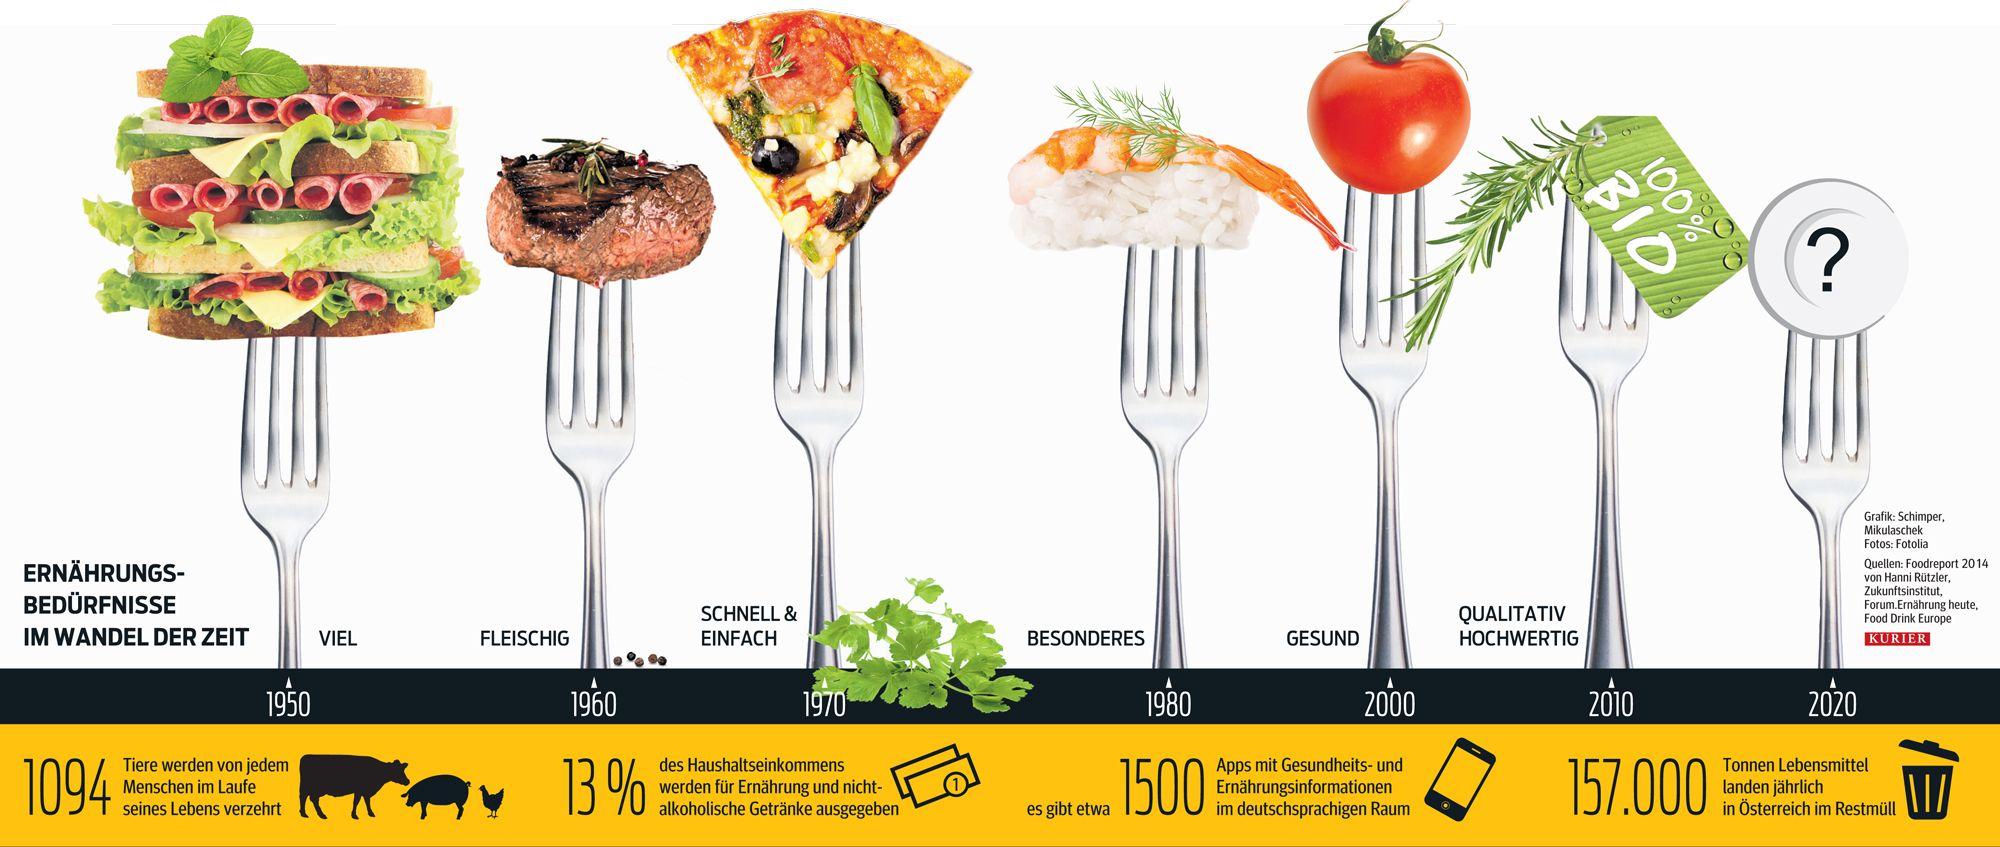 Das Essen der Zukunft. Ernährungsbedürfnisse im Wandel der Zeit  http://kurier.at/lebensart/genuss/bio-oder-kuenstlich-das-essen-der-zukunft/22.823.457